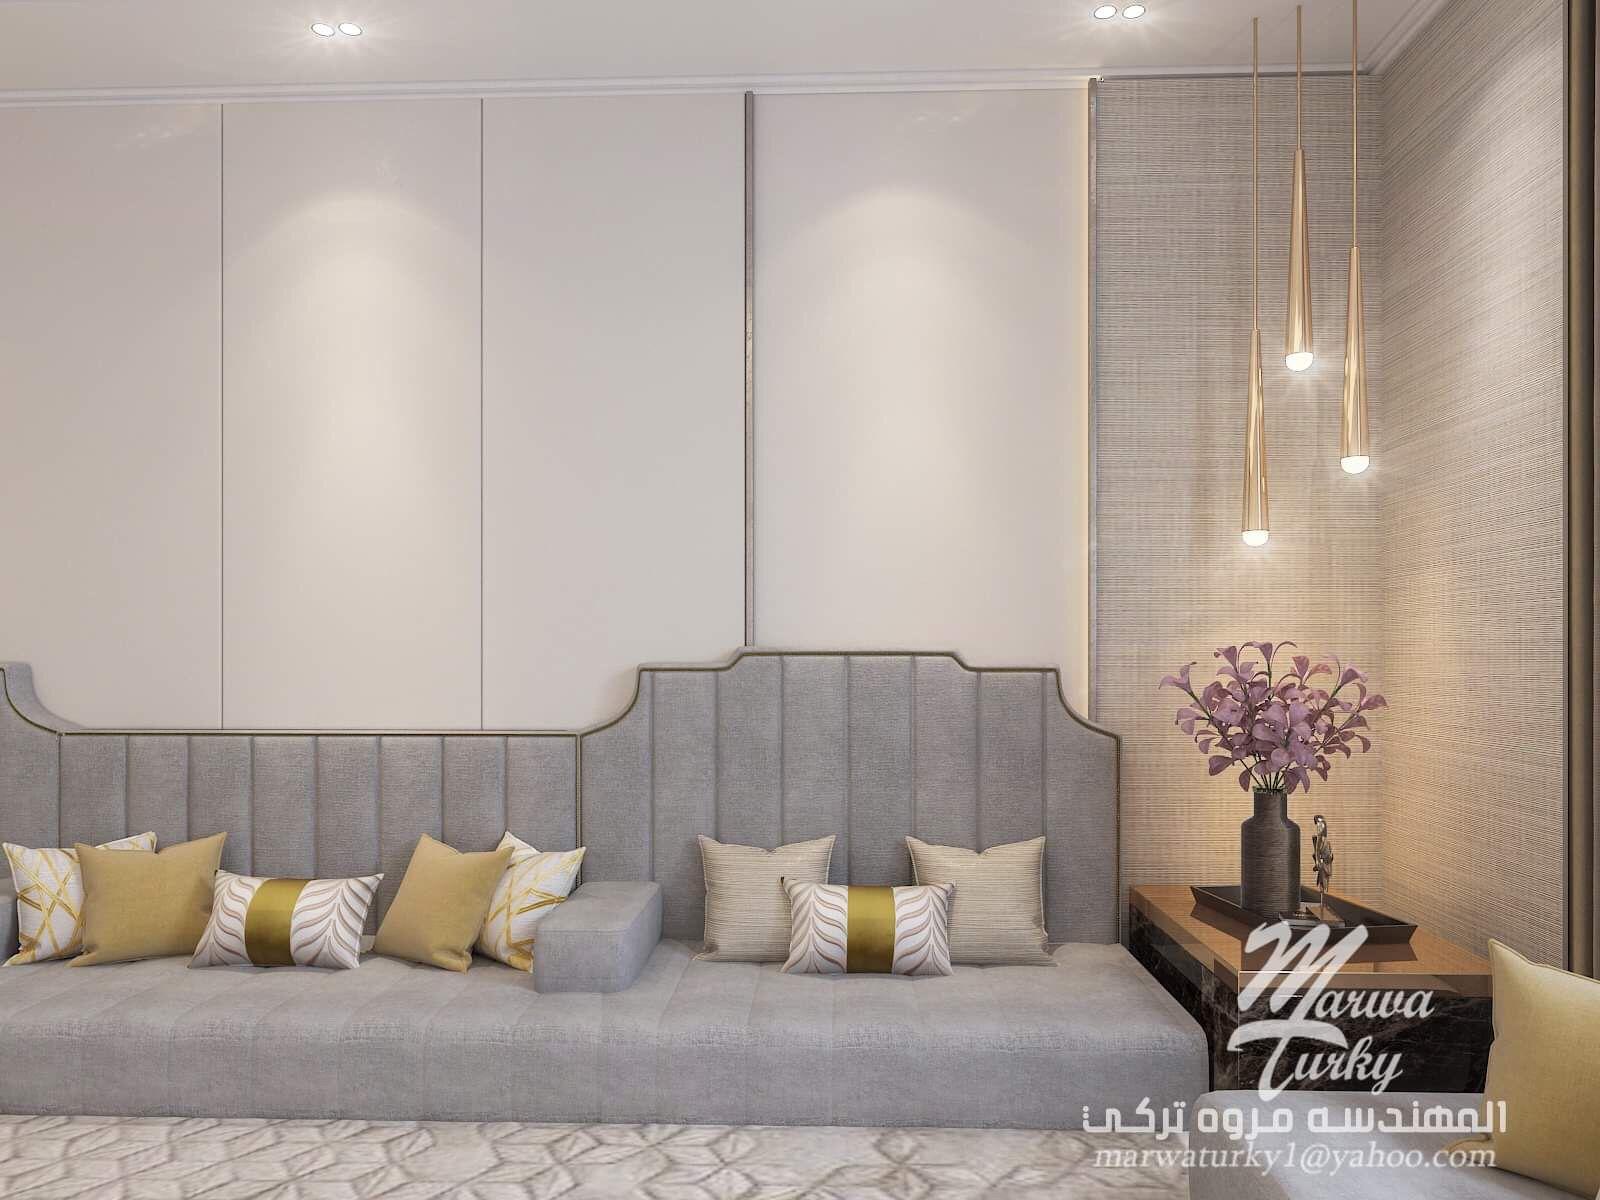 جلسه ارضيه مودرن Decor Home Living Room Elegant Living Room Decor Living Room Design Decor